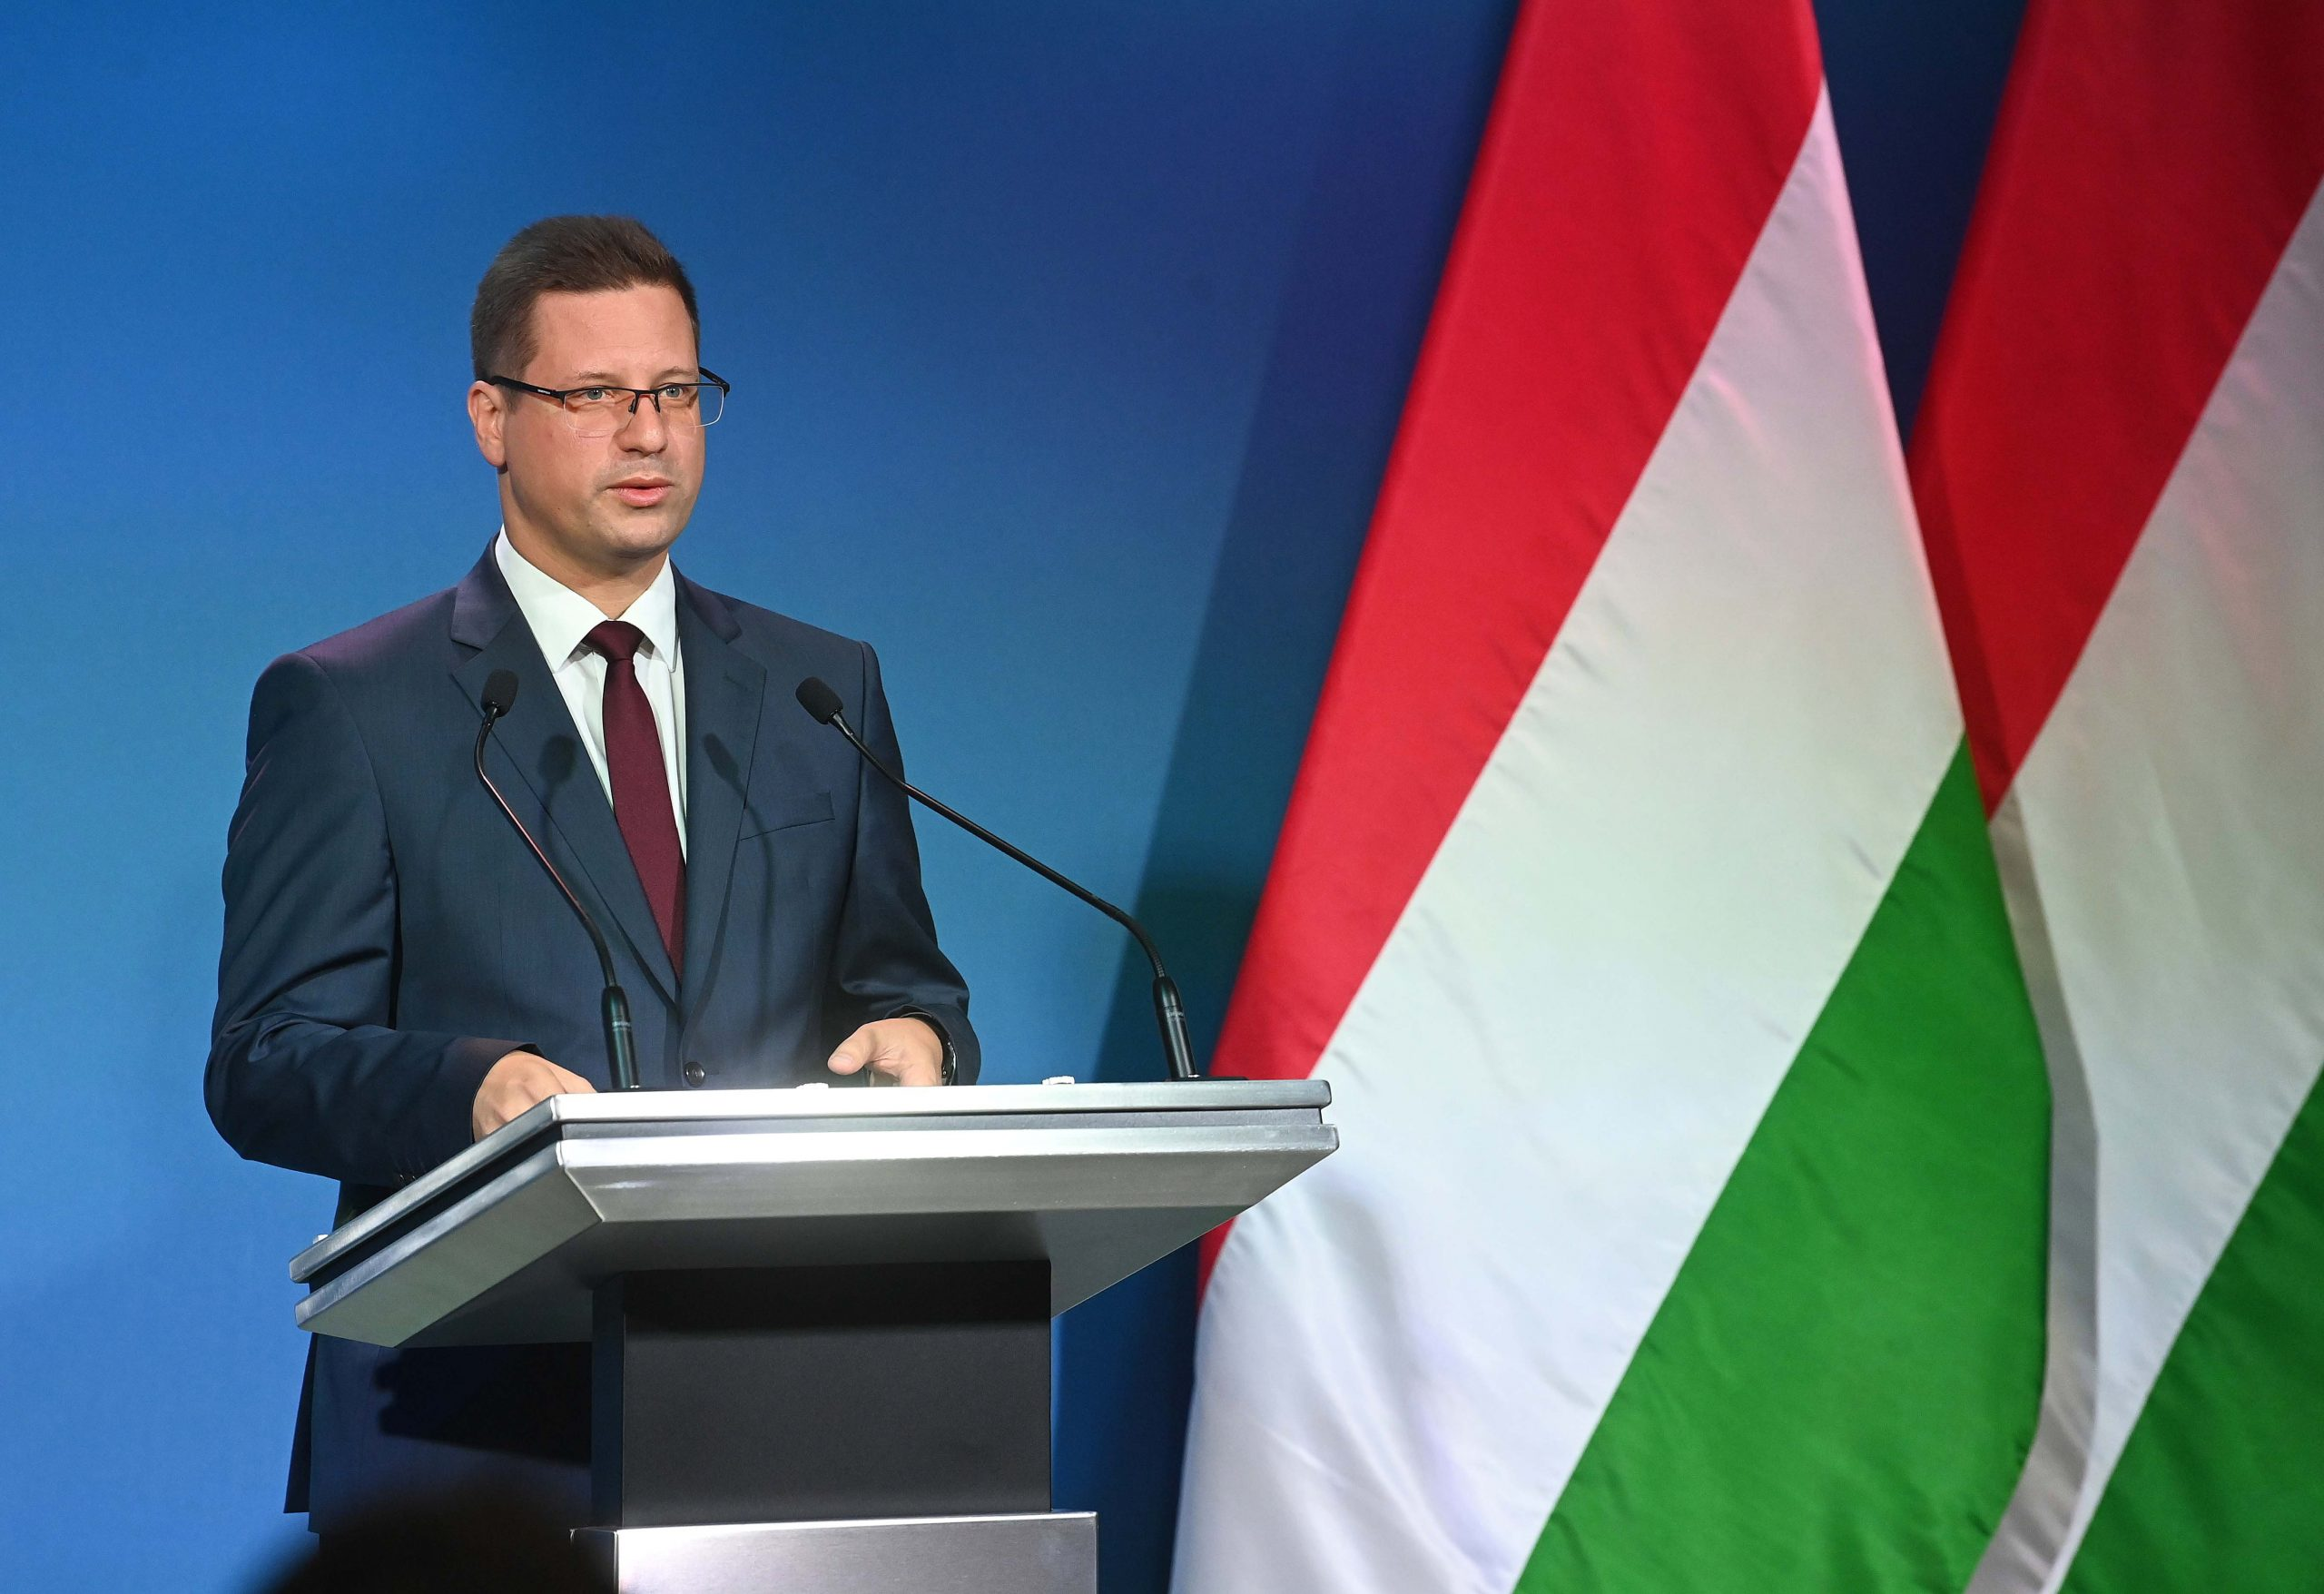 Kanzleramtsminister: Referendum über